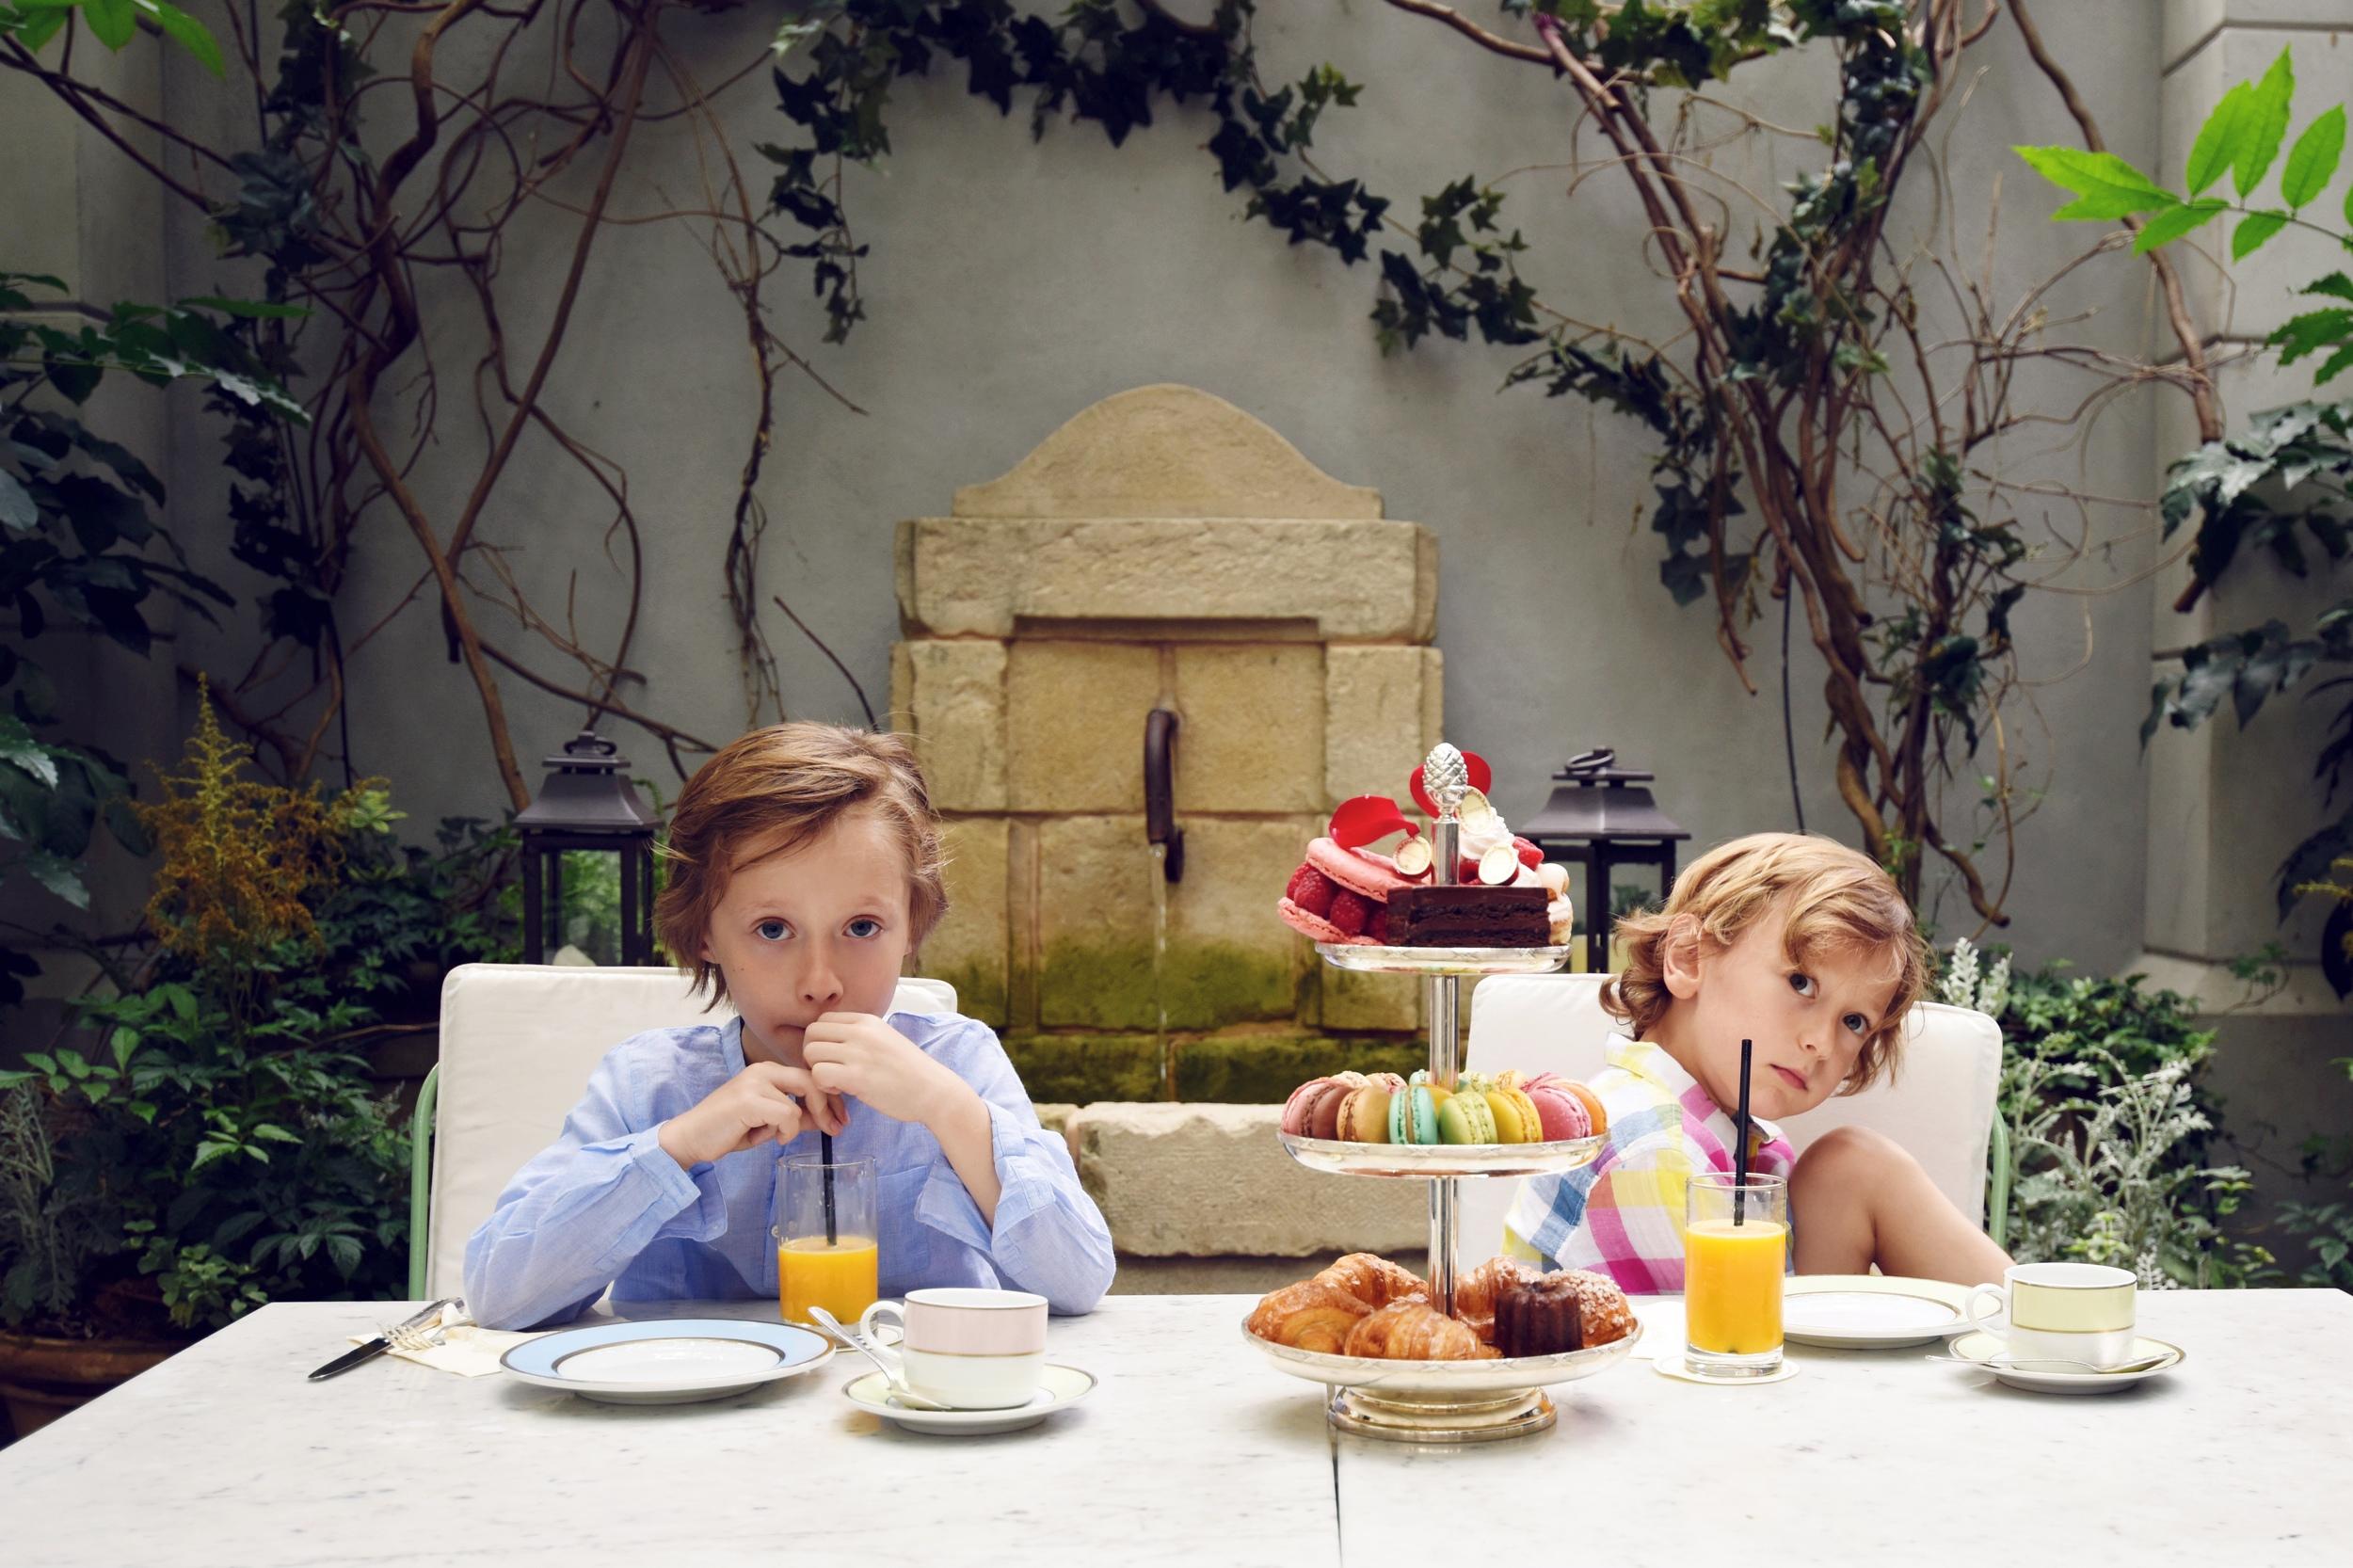 Enfant Street Style by Gina Kim Photography Laduree Soho